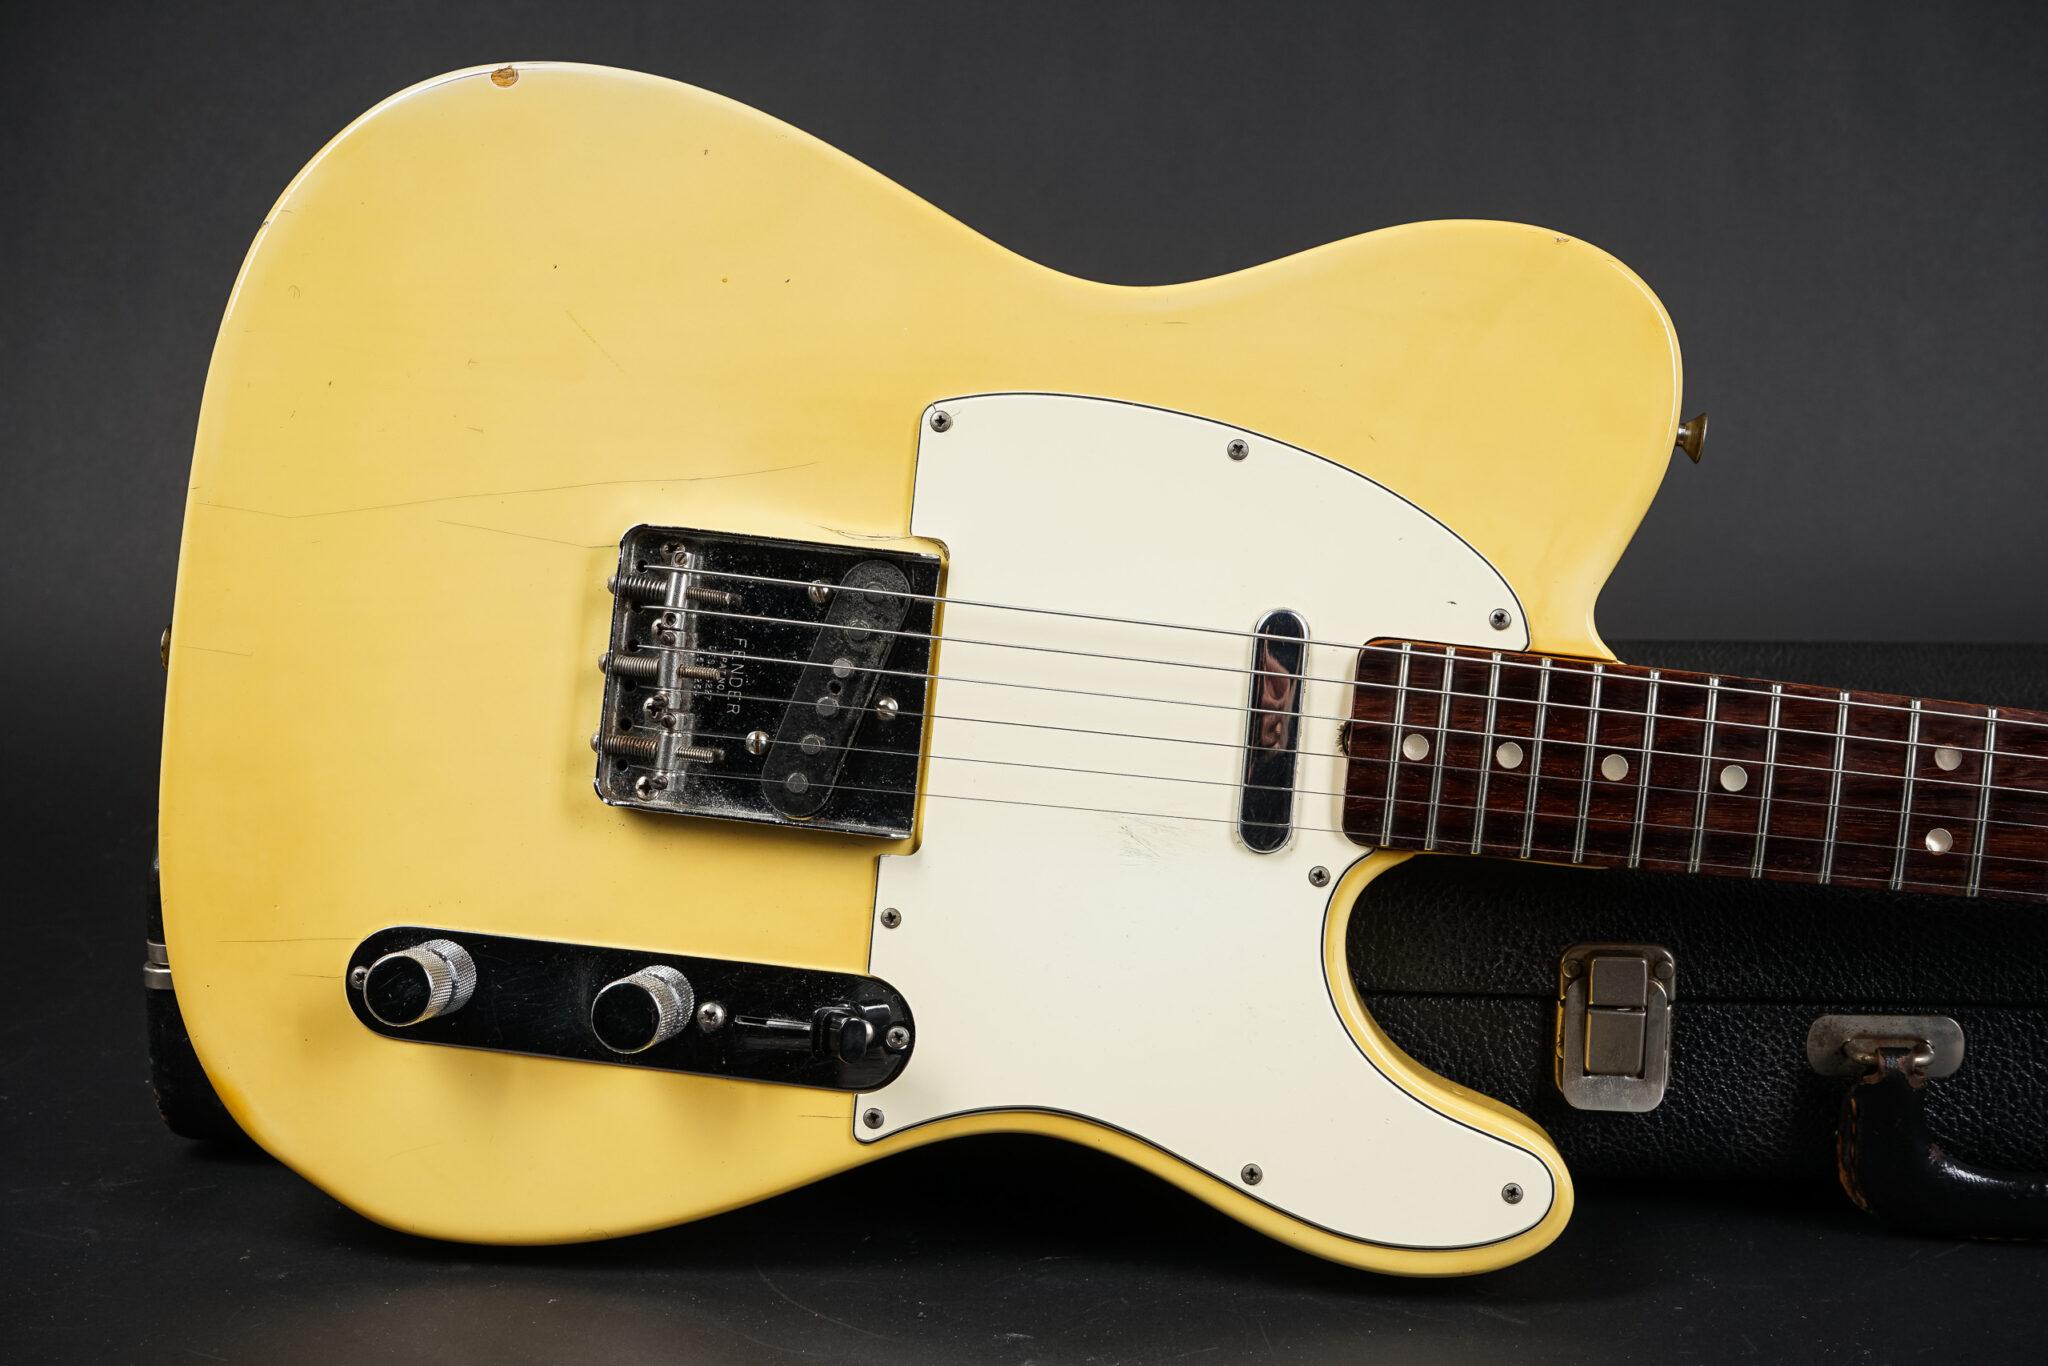 https://guitarpoint.de/app/uploads/products/1970-fender-telecaster-blond-3/1970-Fender-Telecaster-Blonde-307216-8-2048x1366.jpg